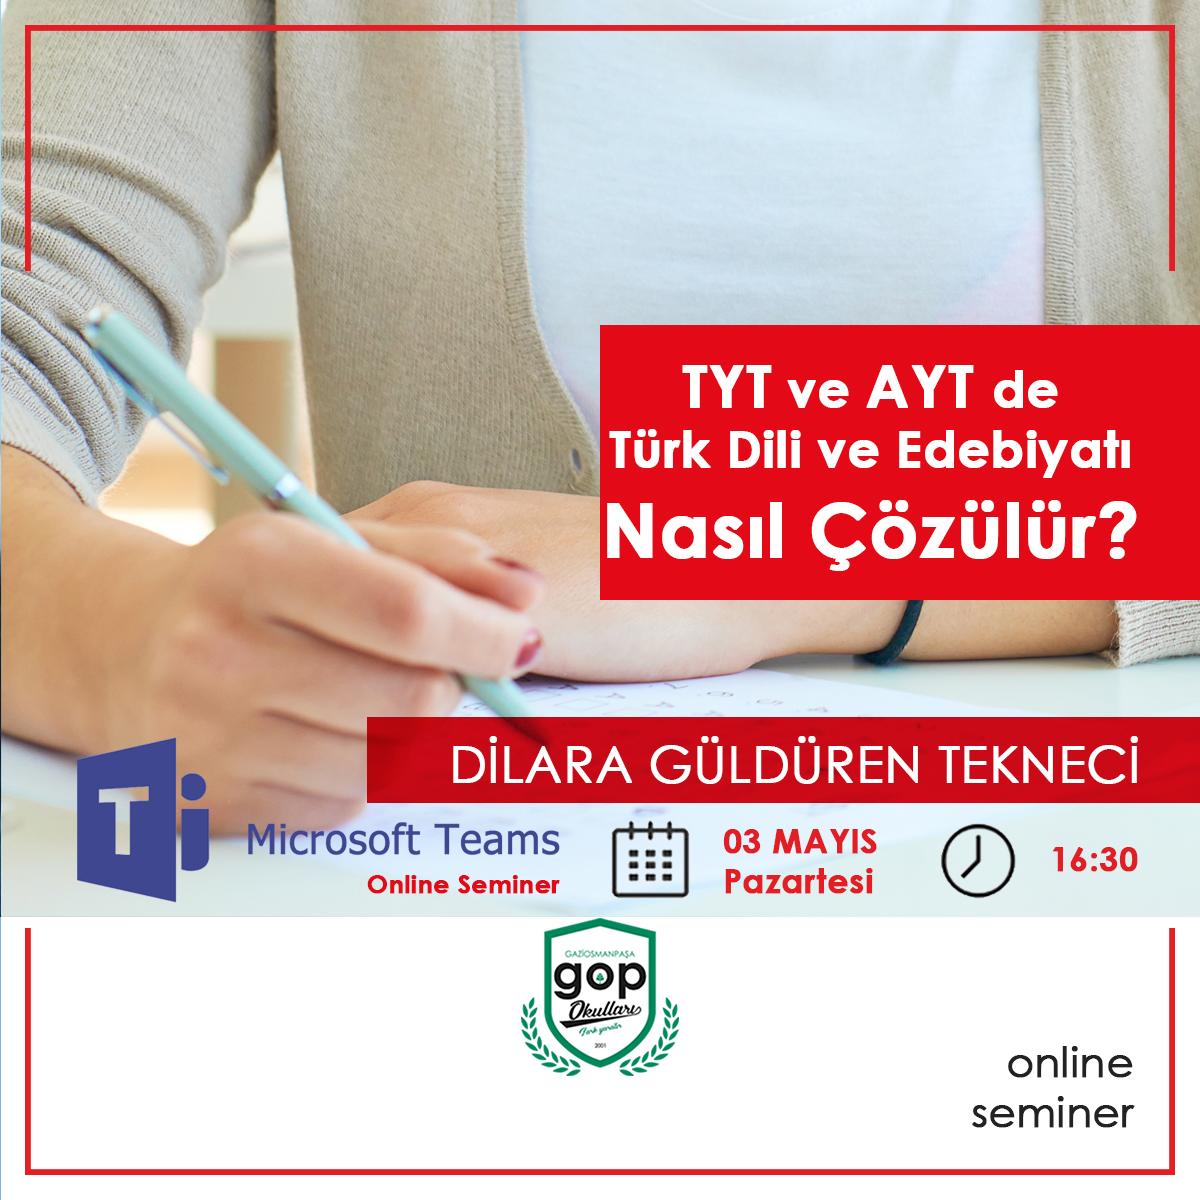 TYT ve AYT' de Türk Dili ve Edebiyatı nasıl çözülür?